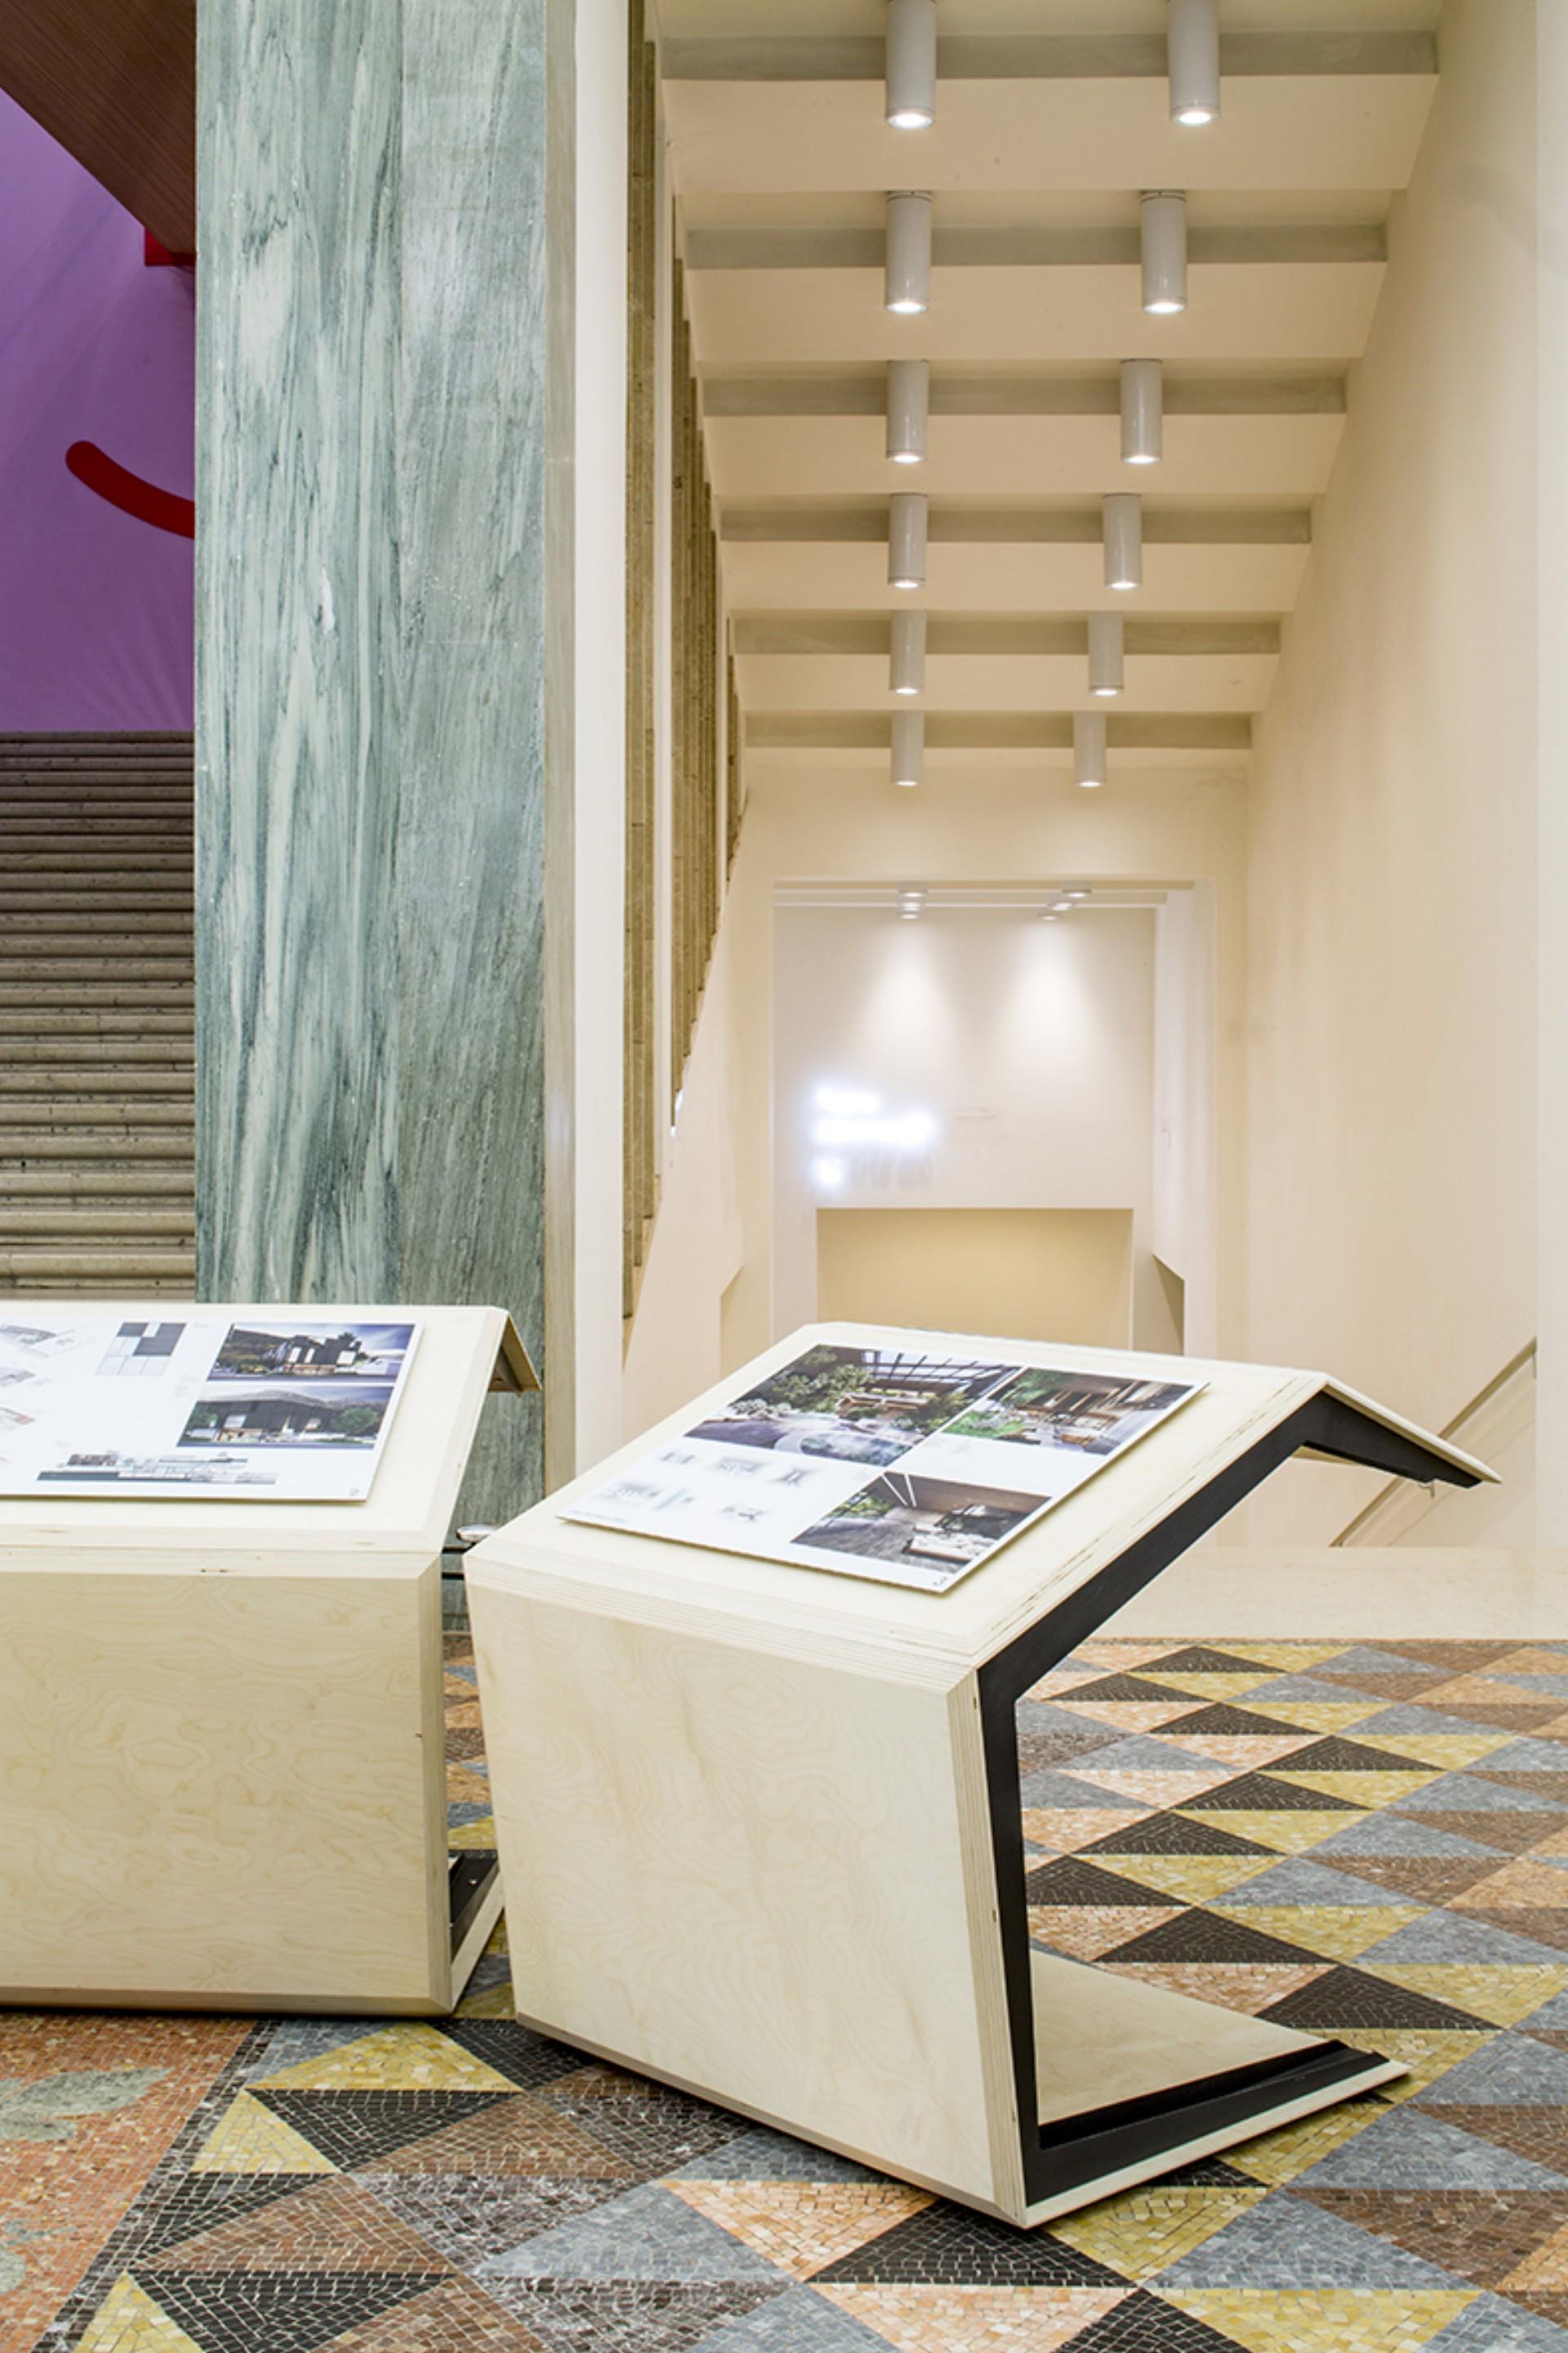 Acqua, luce, benessere un'architettura alpina contemporanea